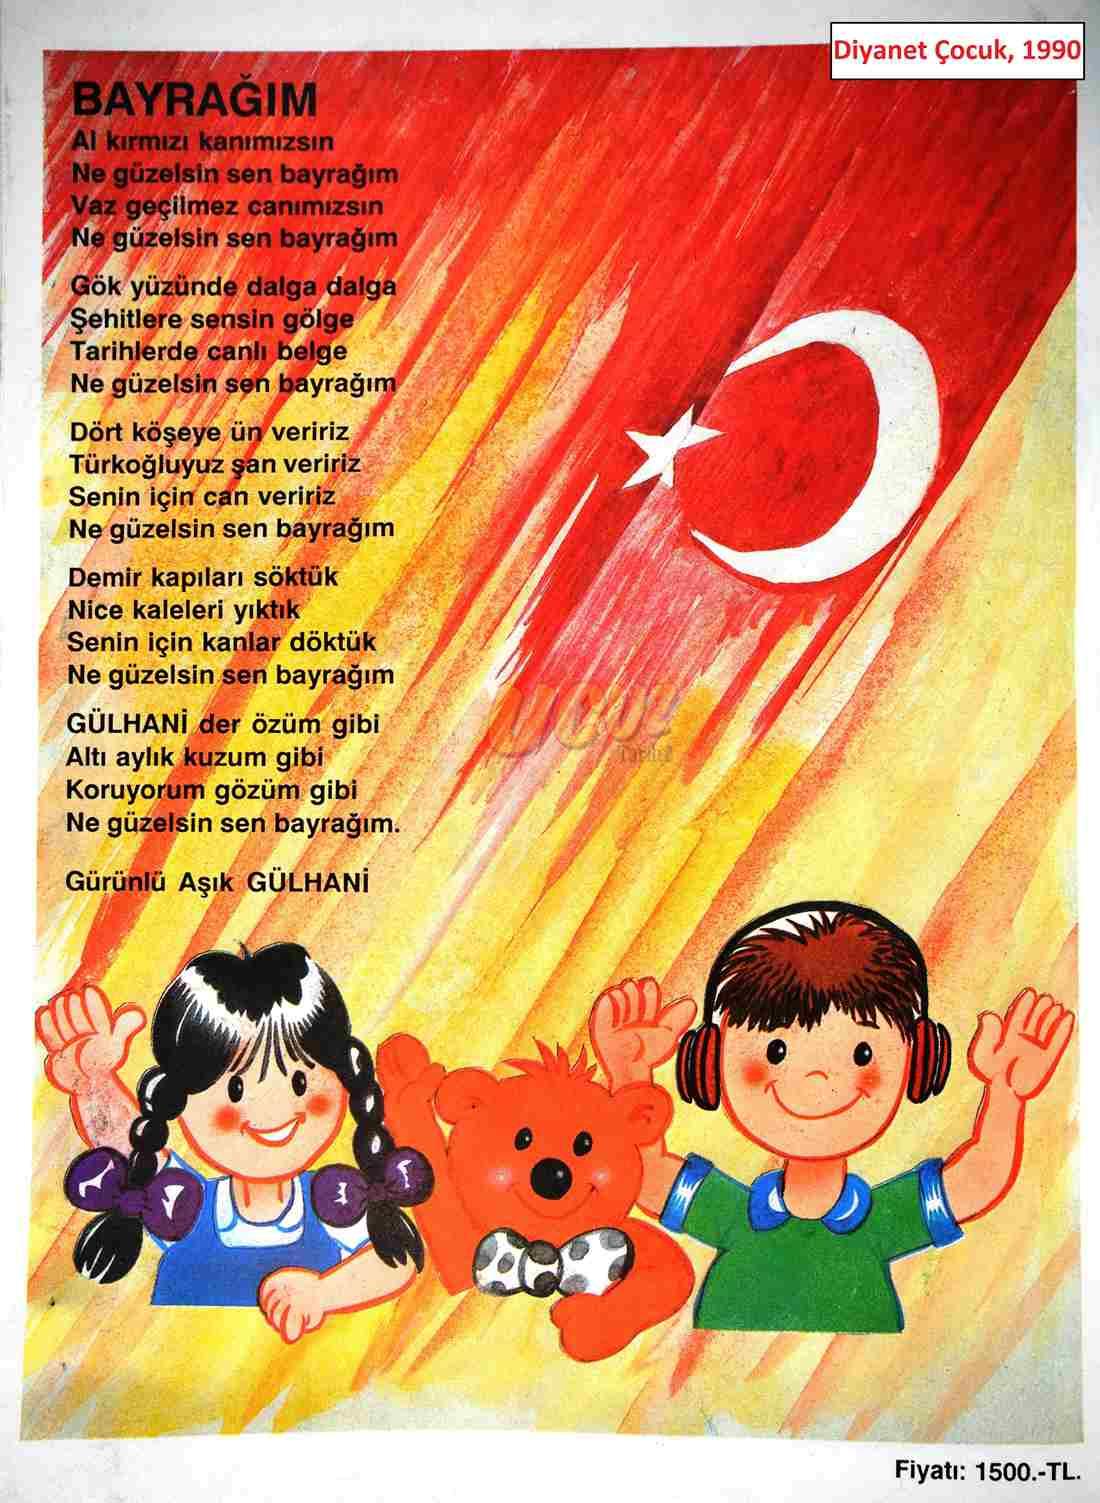 1993 diyanet çocuk 1990 3